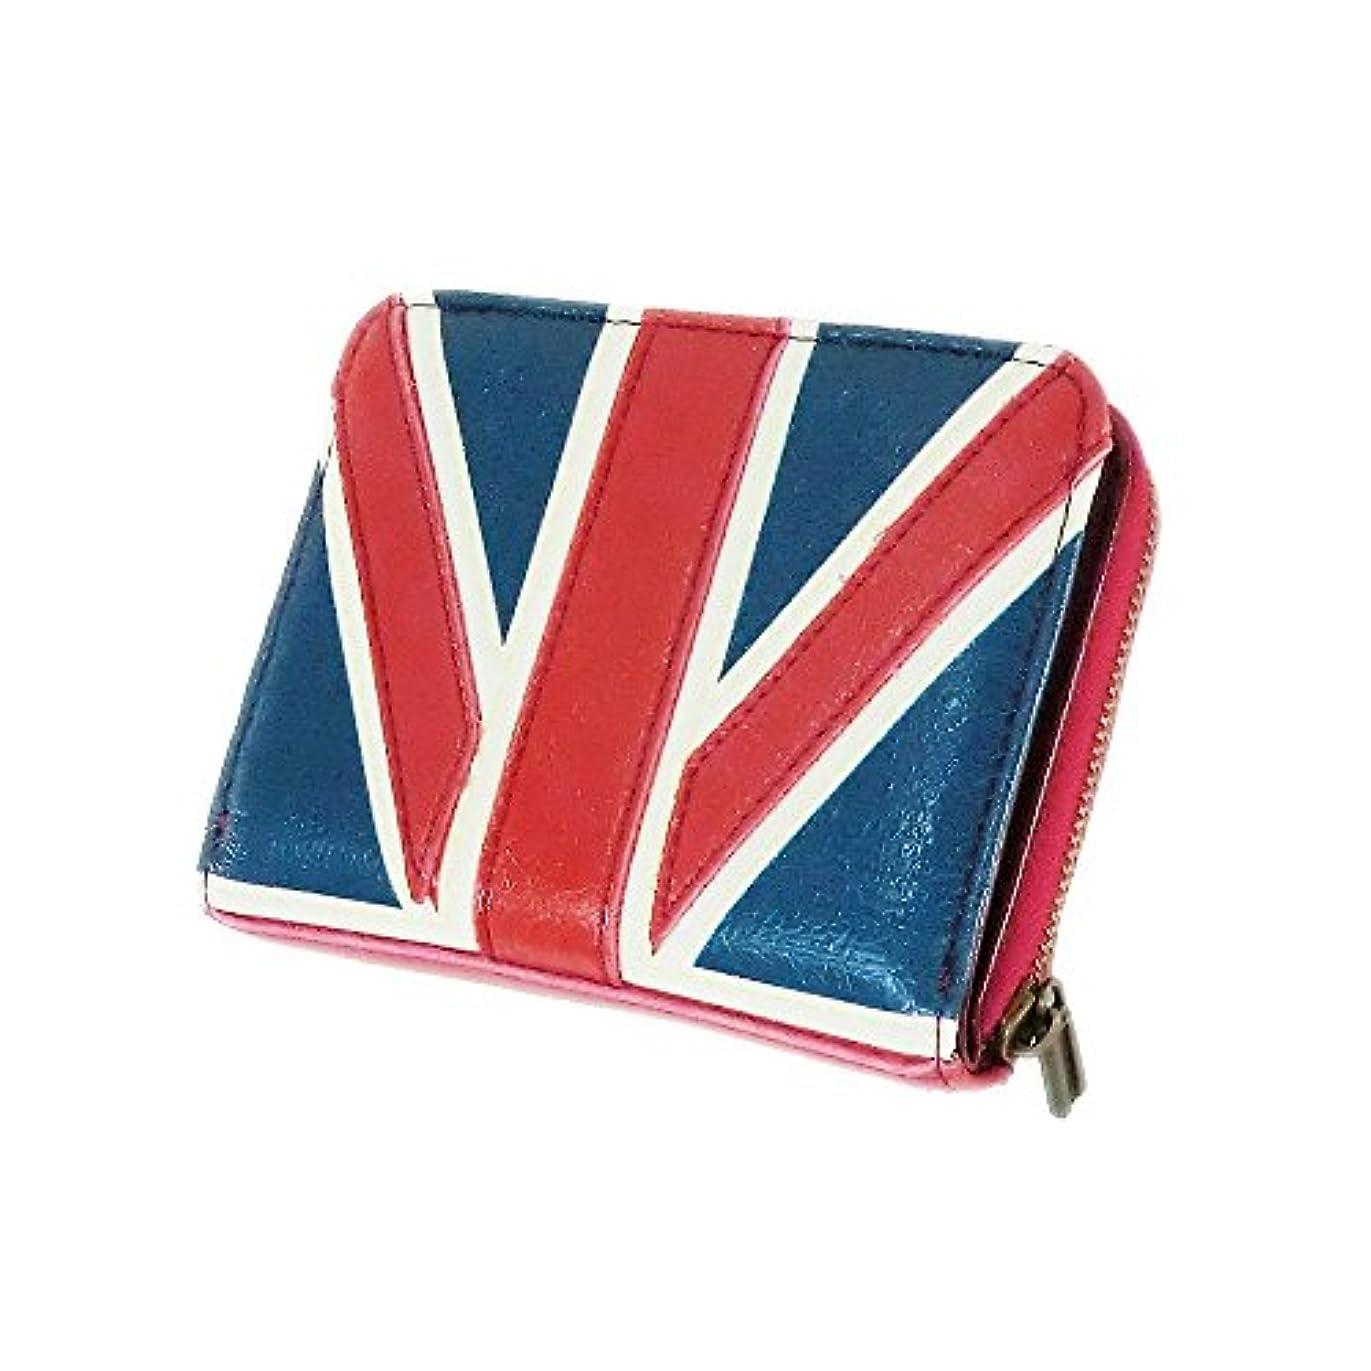 振る蓋進む(キーズ) Keys 国旗柄 ハーフ ウォレット イギリス アメリカ 二つ折り財布 メンズ レディース 財布